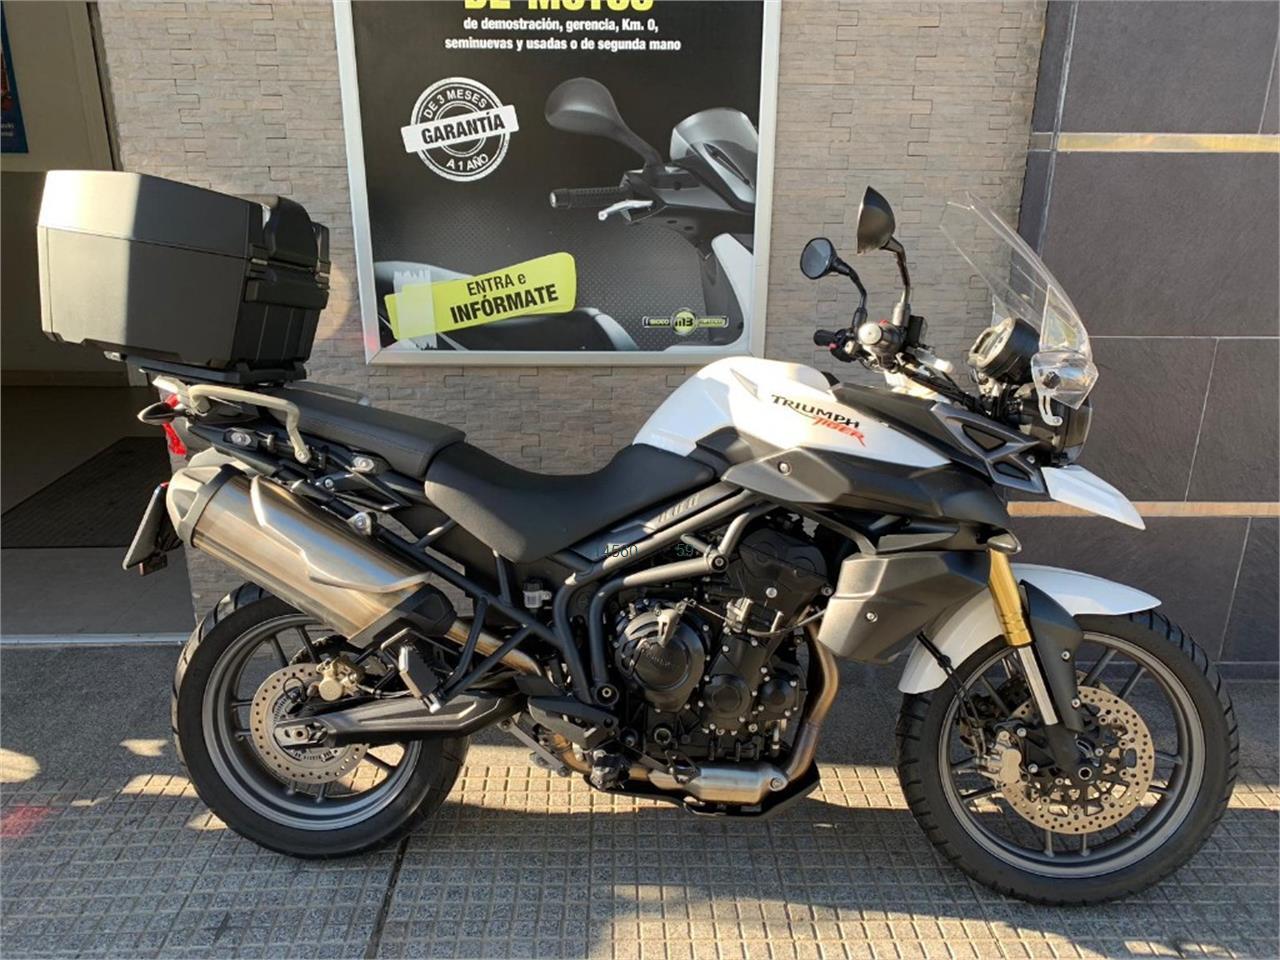 TRIUMPH TIGER 800 ABS_1 de venta en Huelva